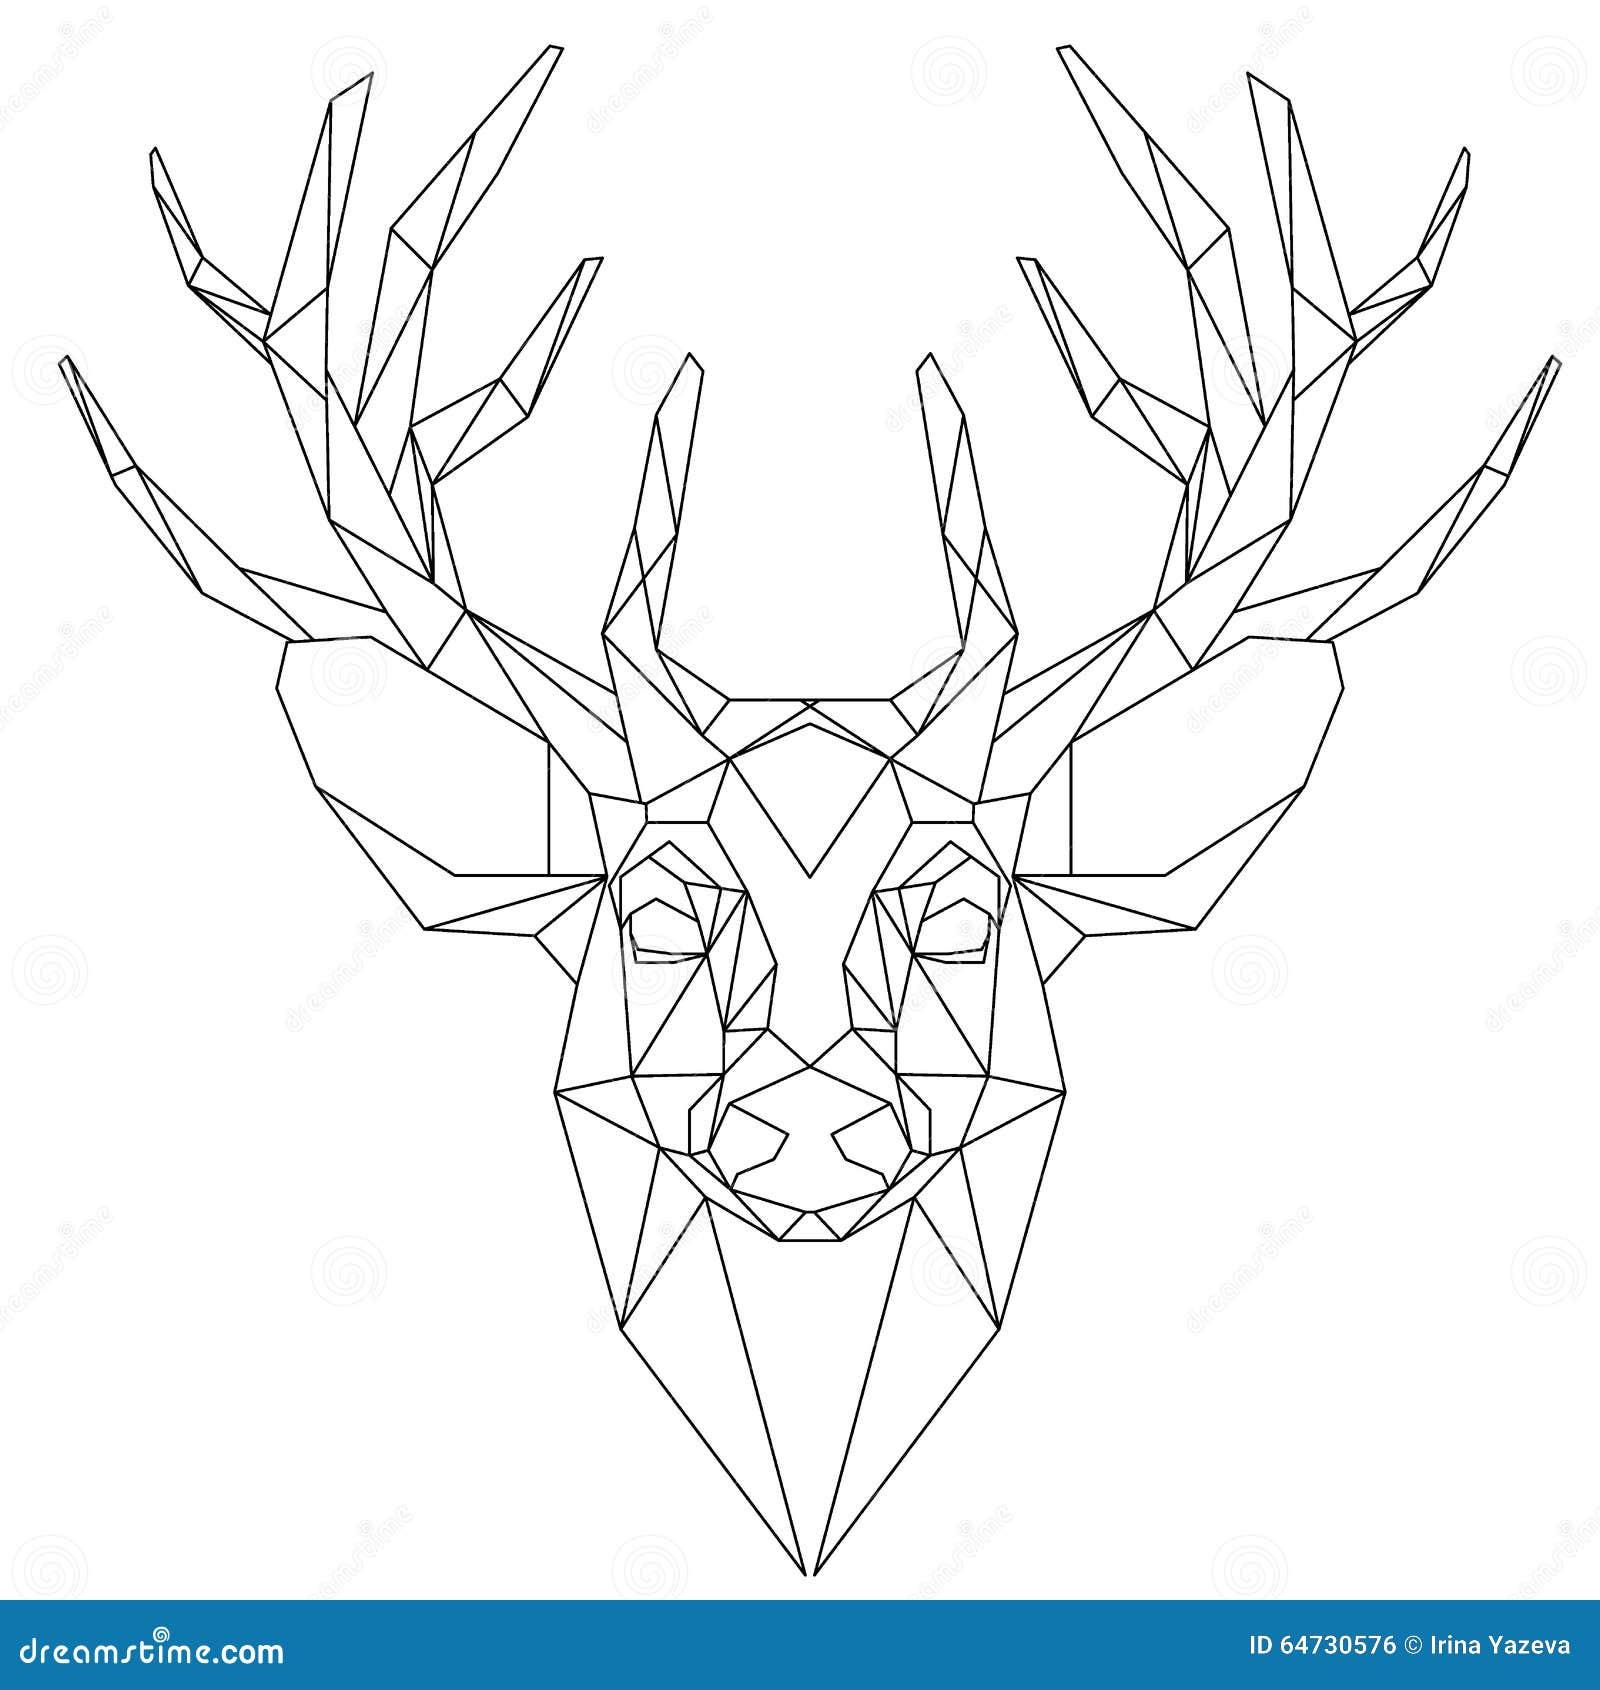 Triangle Shirt Design